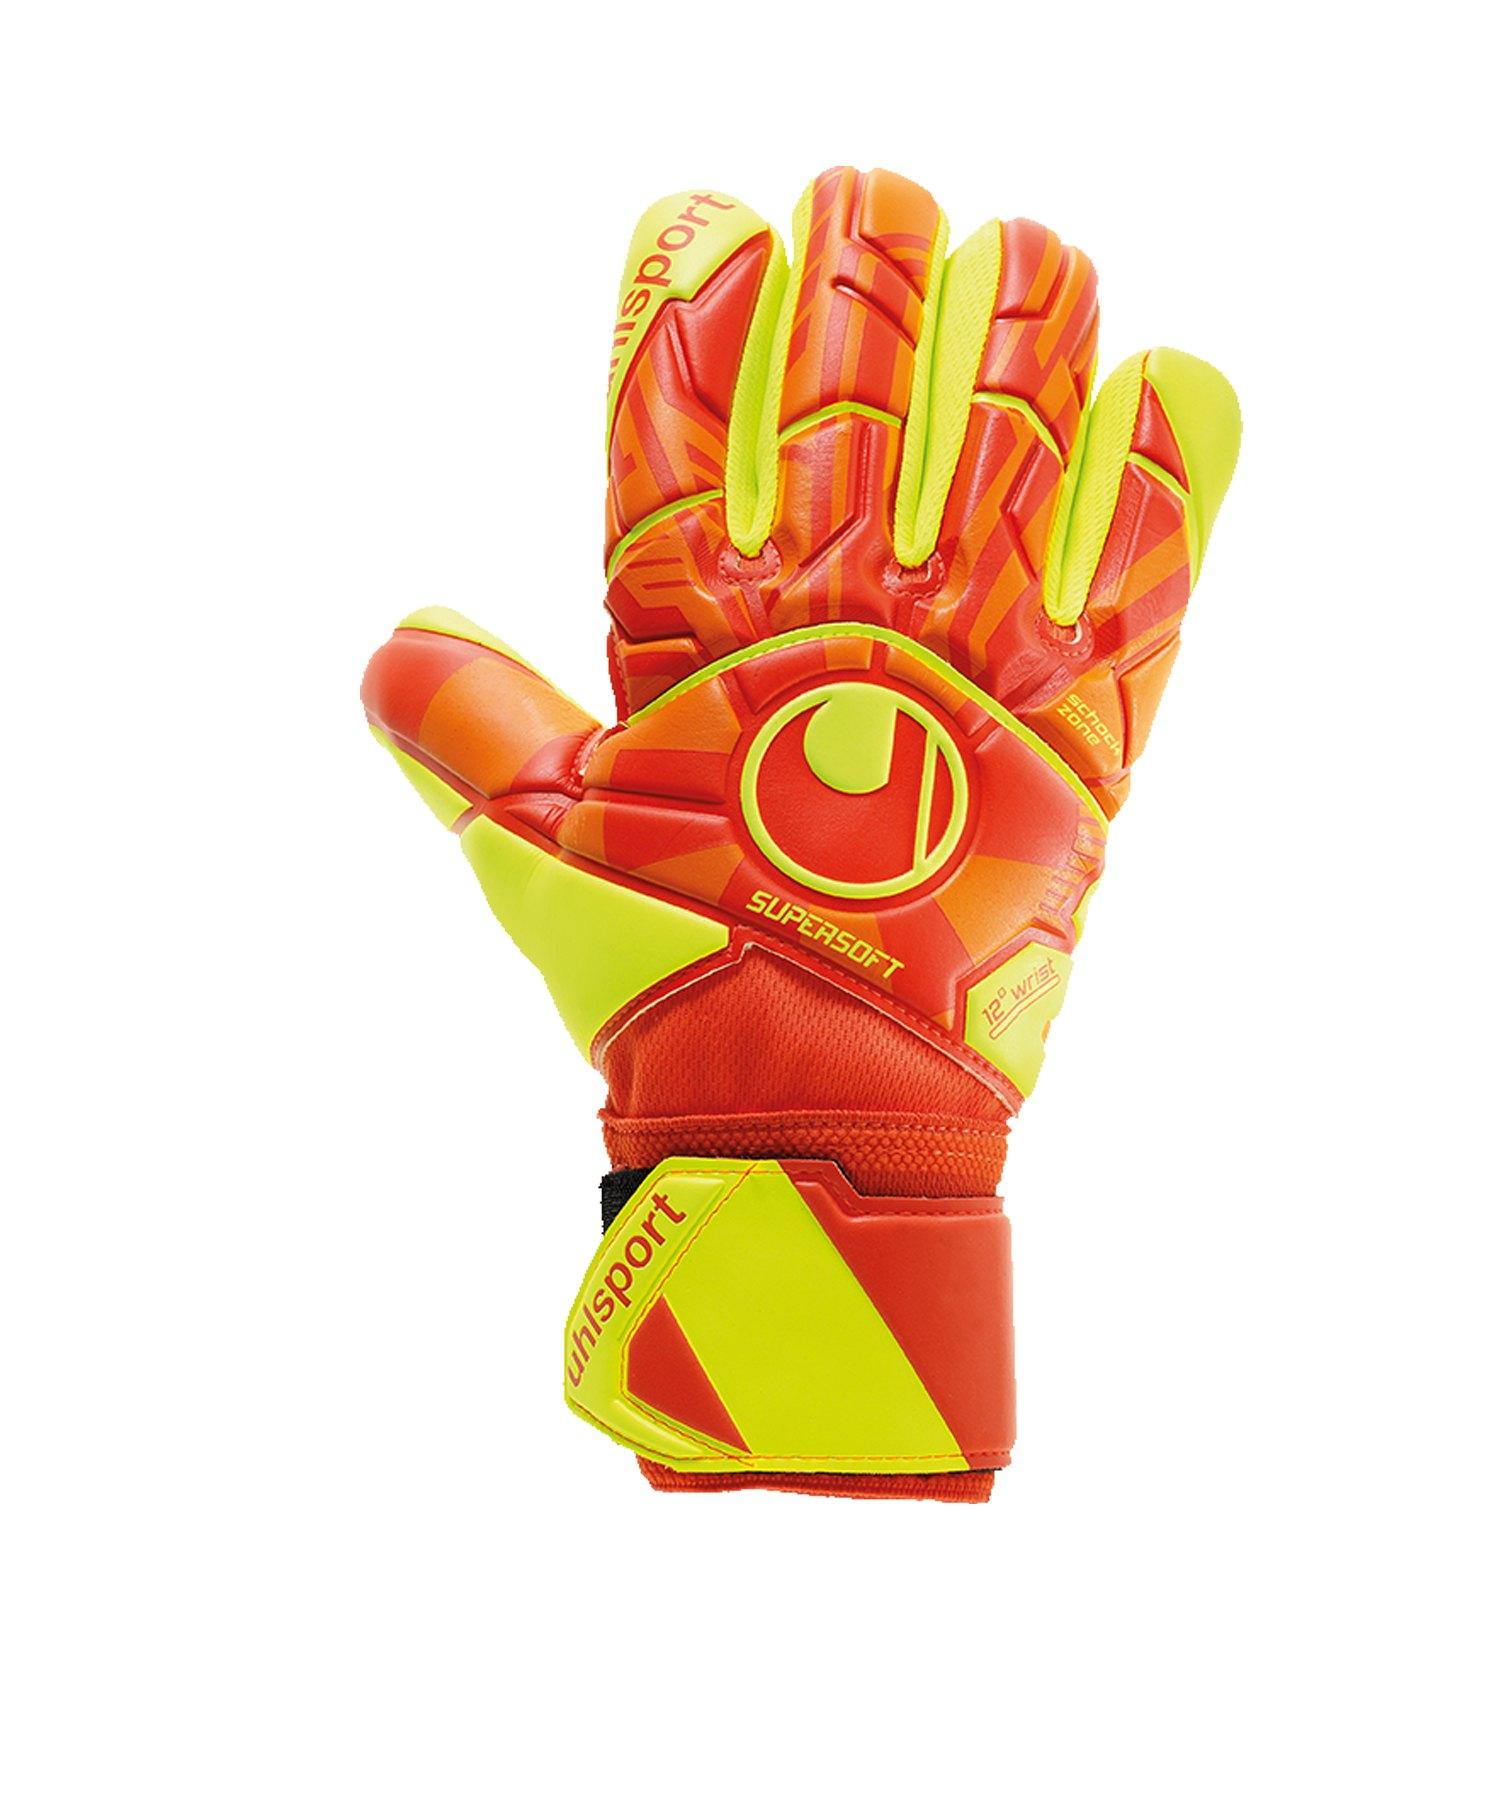 Uhlsport Dyn Impulse Supersoft HN TW-Handschuh F01 - orange